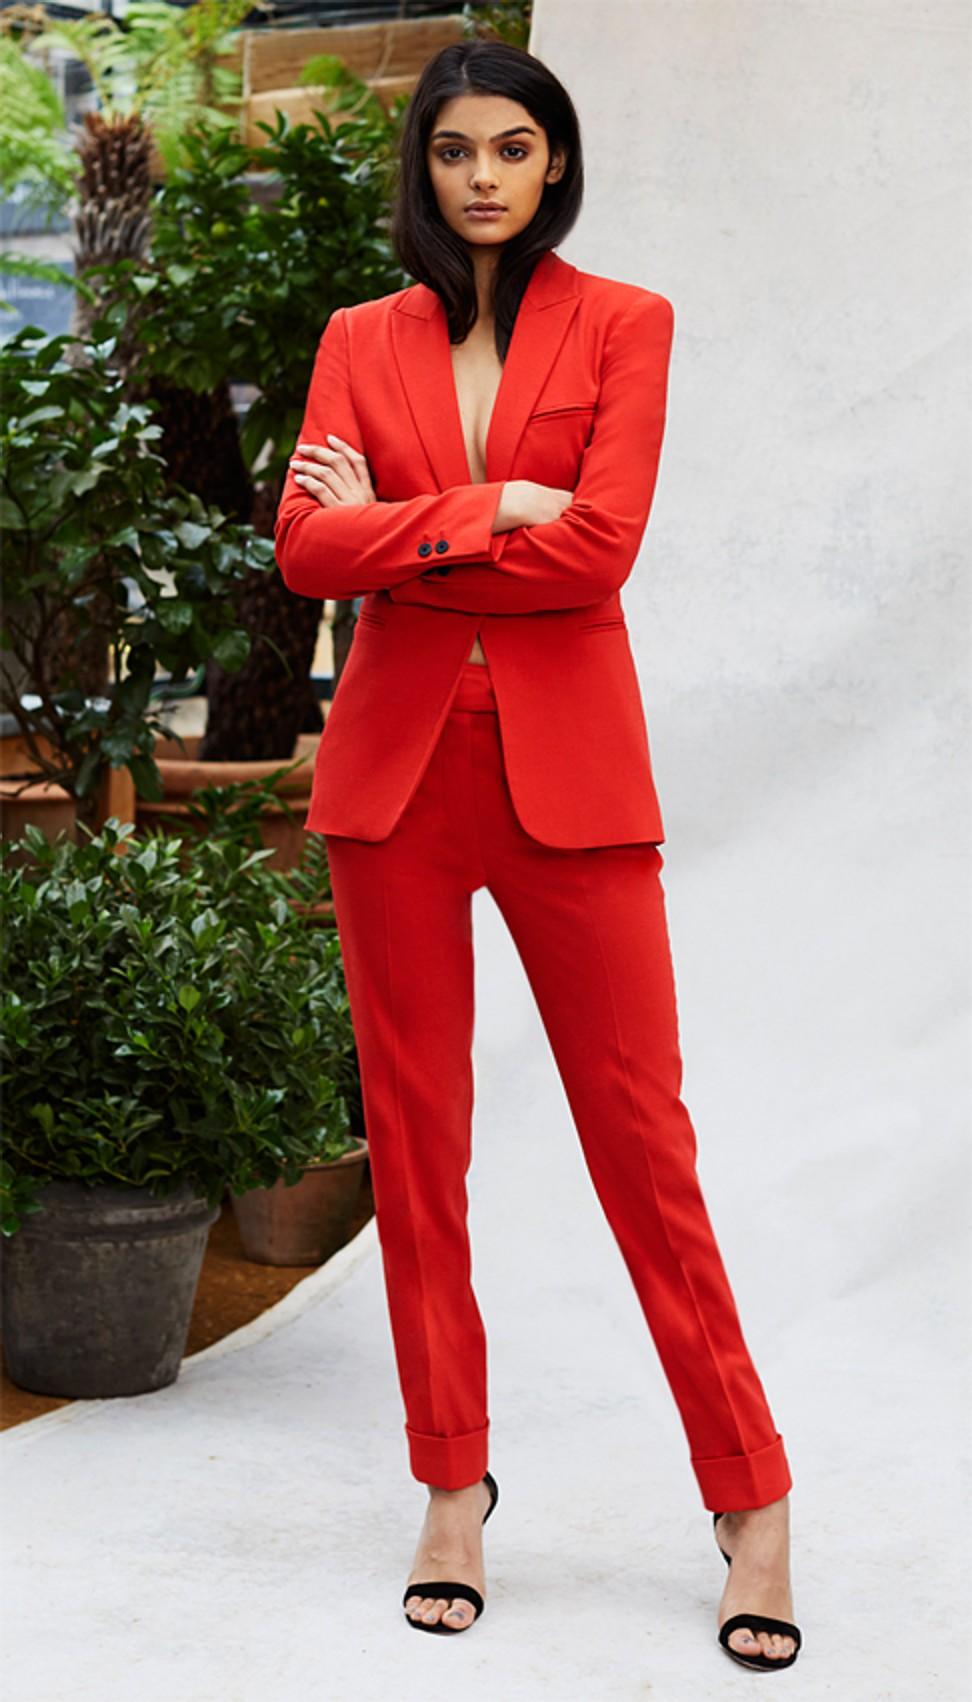 4cbfd90c245 Five ways to make a bold fashion statement this season | South China ...